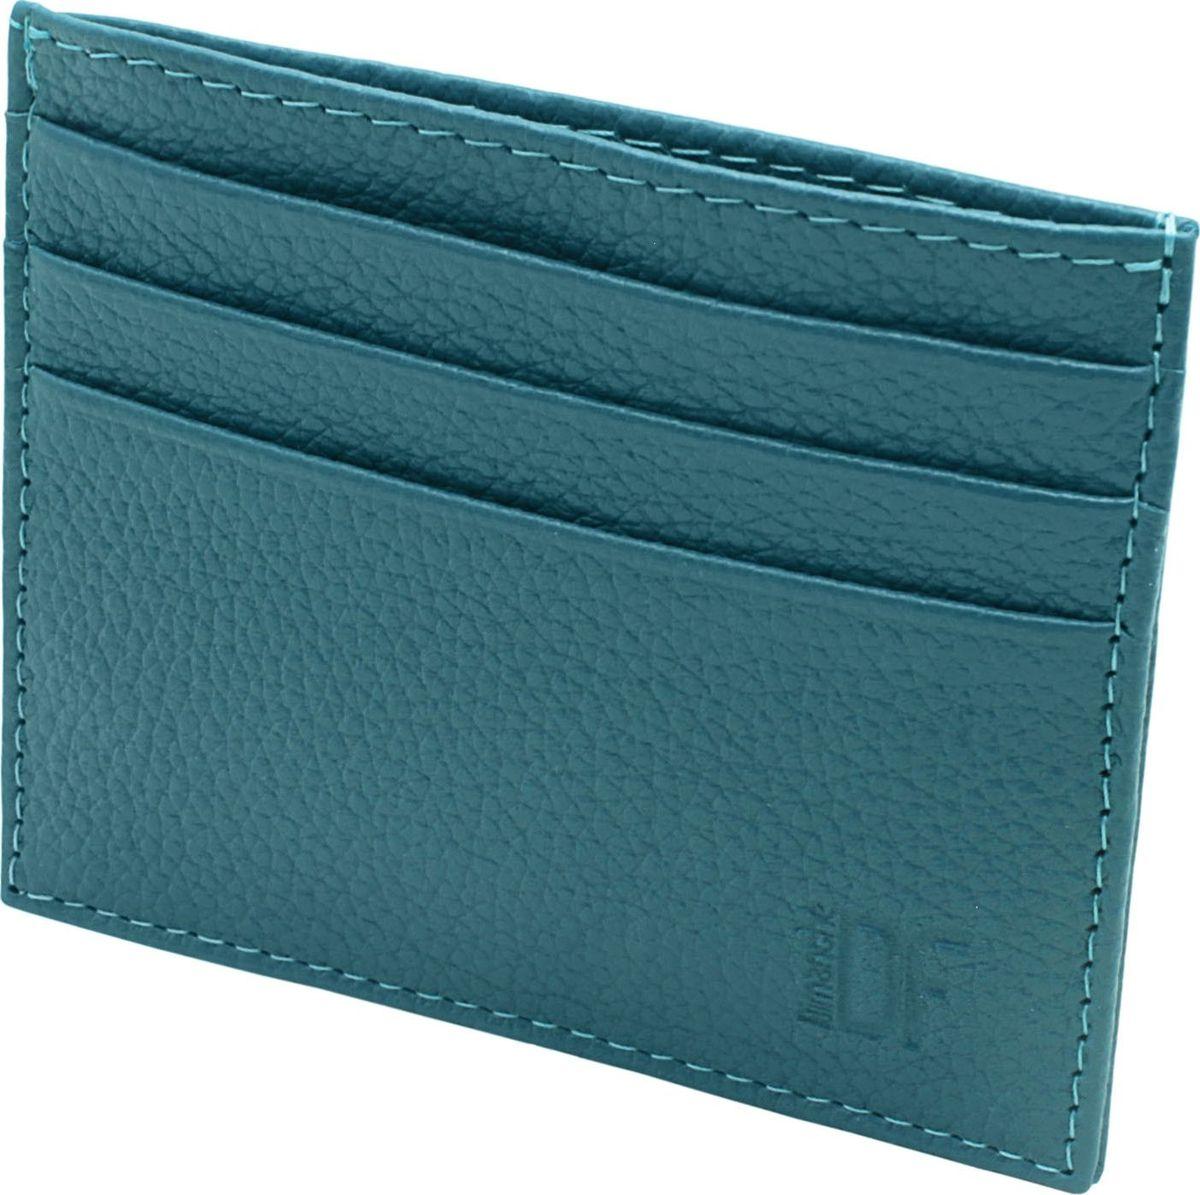 Визитница женская Dimanche, цвет: бирюзовый. 256/28INT-06501Миниатюрная визитница Dimanche для хранения визитных или кредитных кар изготовлена из натуральной кожи. С каждой стороны имеется по 3 кармашка и посередине потайной карман.